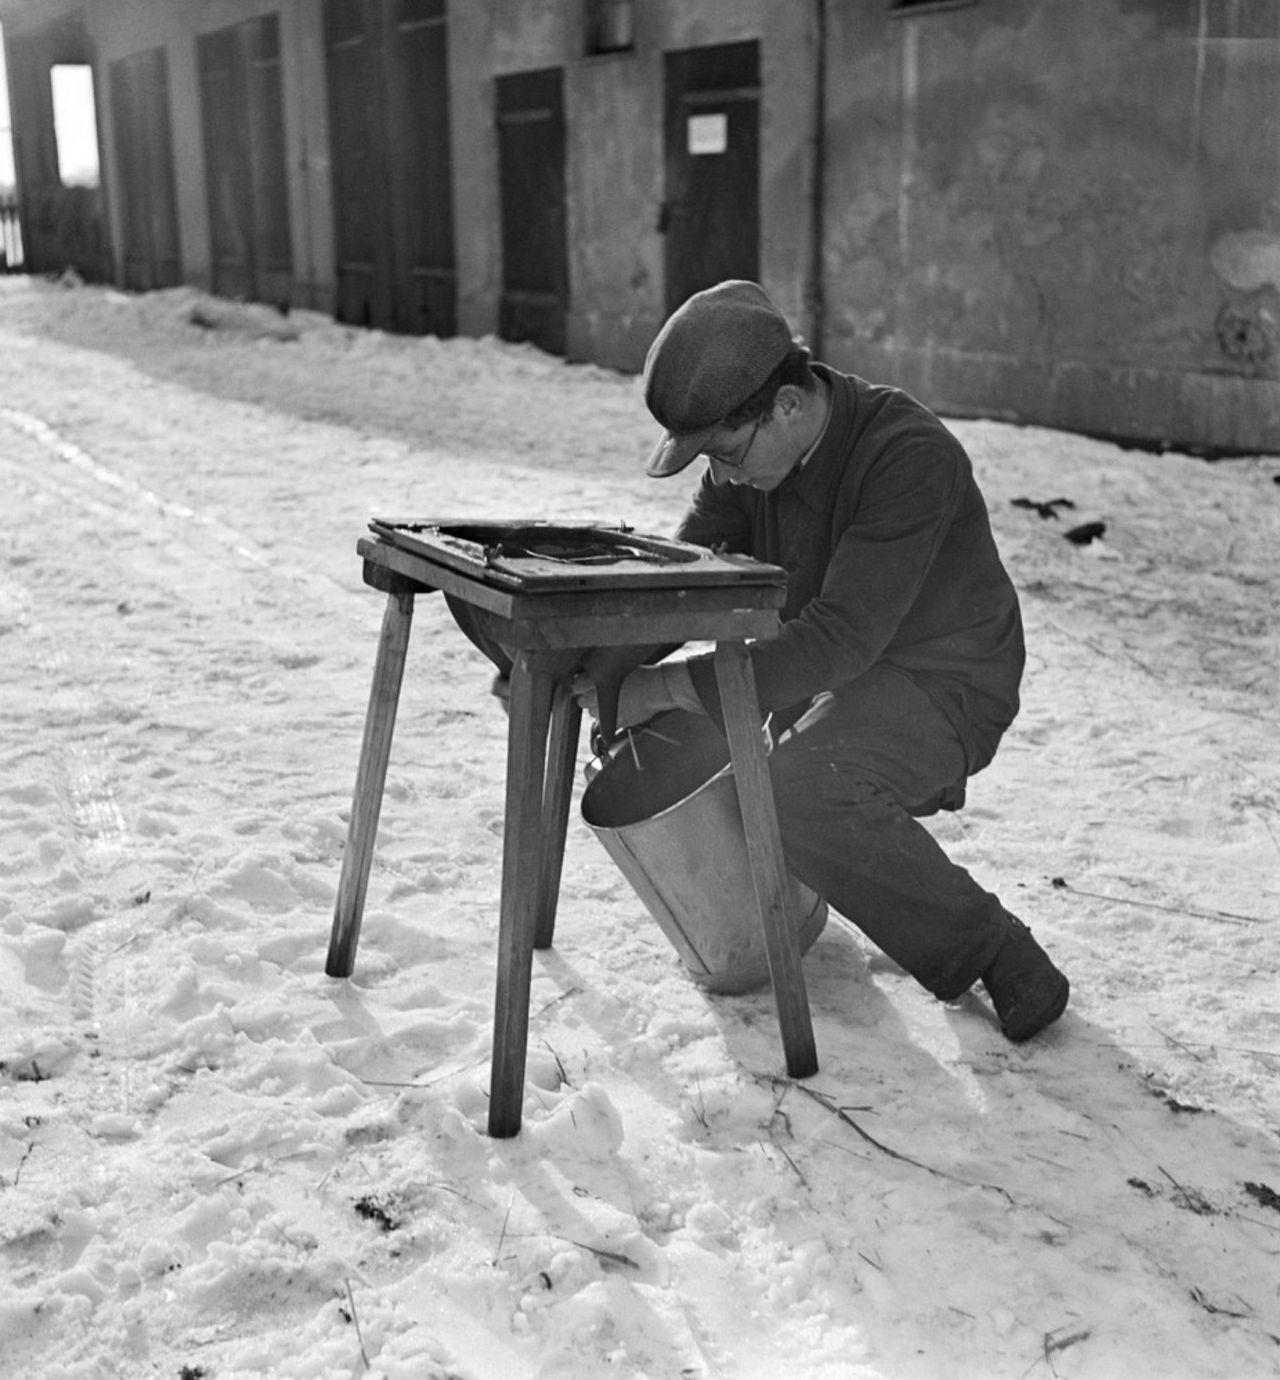 1937. Мальчик учится дойке с использованием модели вымени коровы в профессиональном тренировочном лагере для немецких евреев в надежде на эмиграцию, Берлин